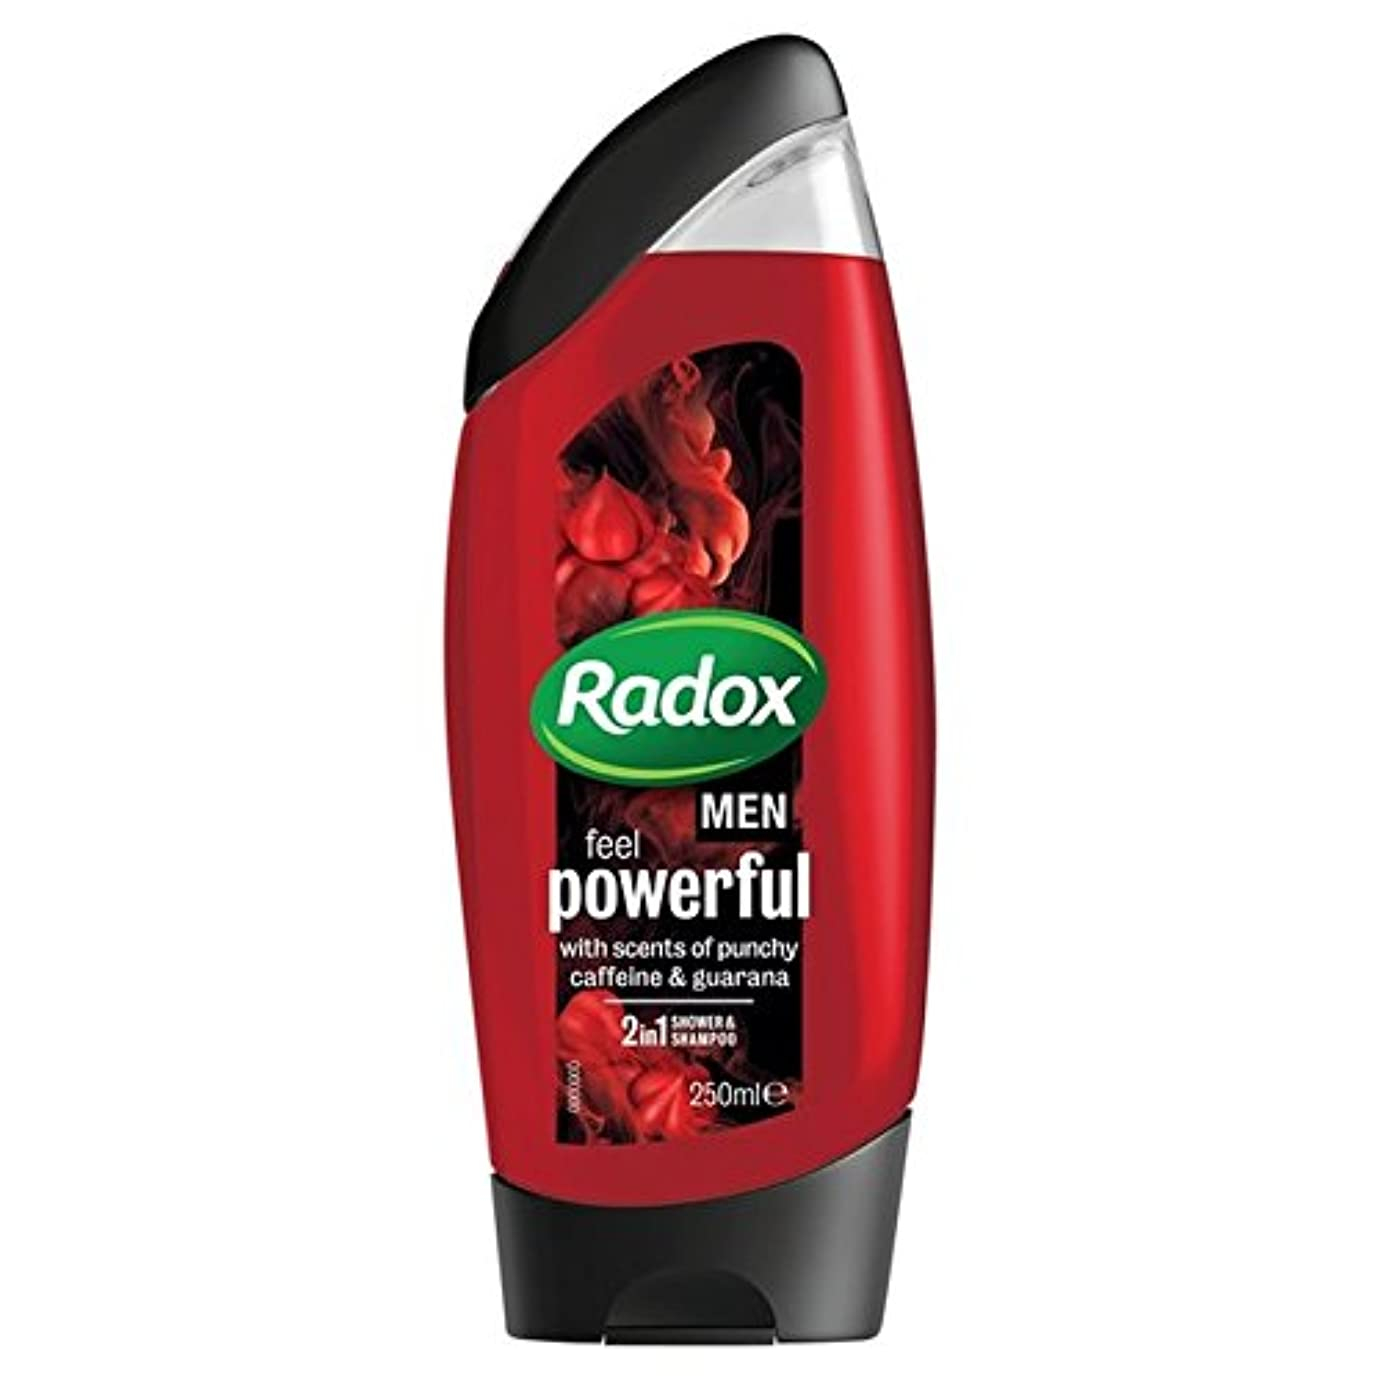 走る広まった傭兵男性は、強力なシャワージェル250ミリリットルを感じるため x2 - Radox for Men Feel Powerful Shower Gel 250ml (Pack of 2) [並行輸入品]